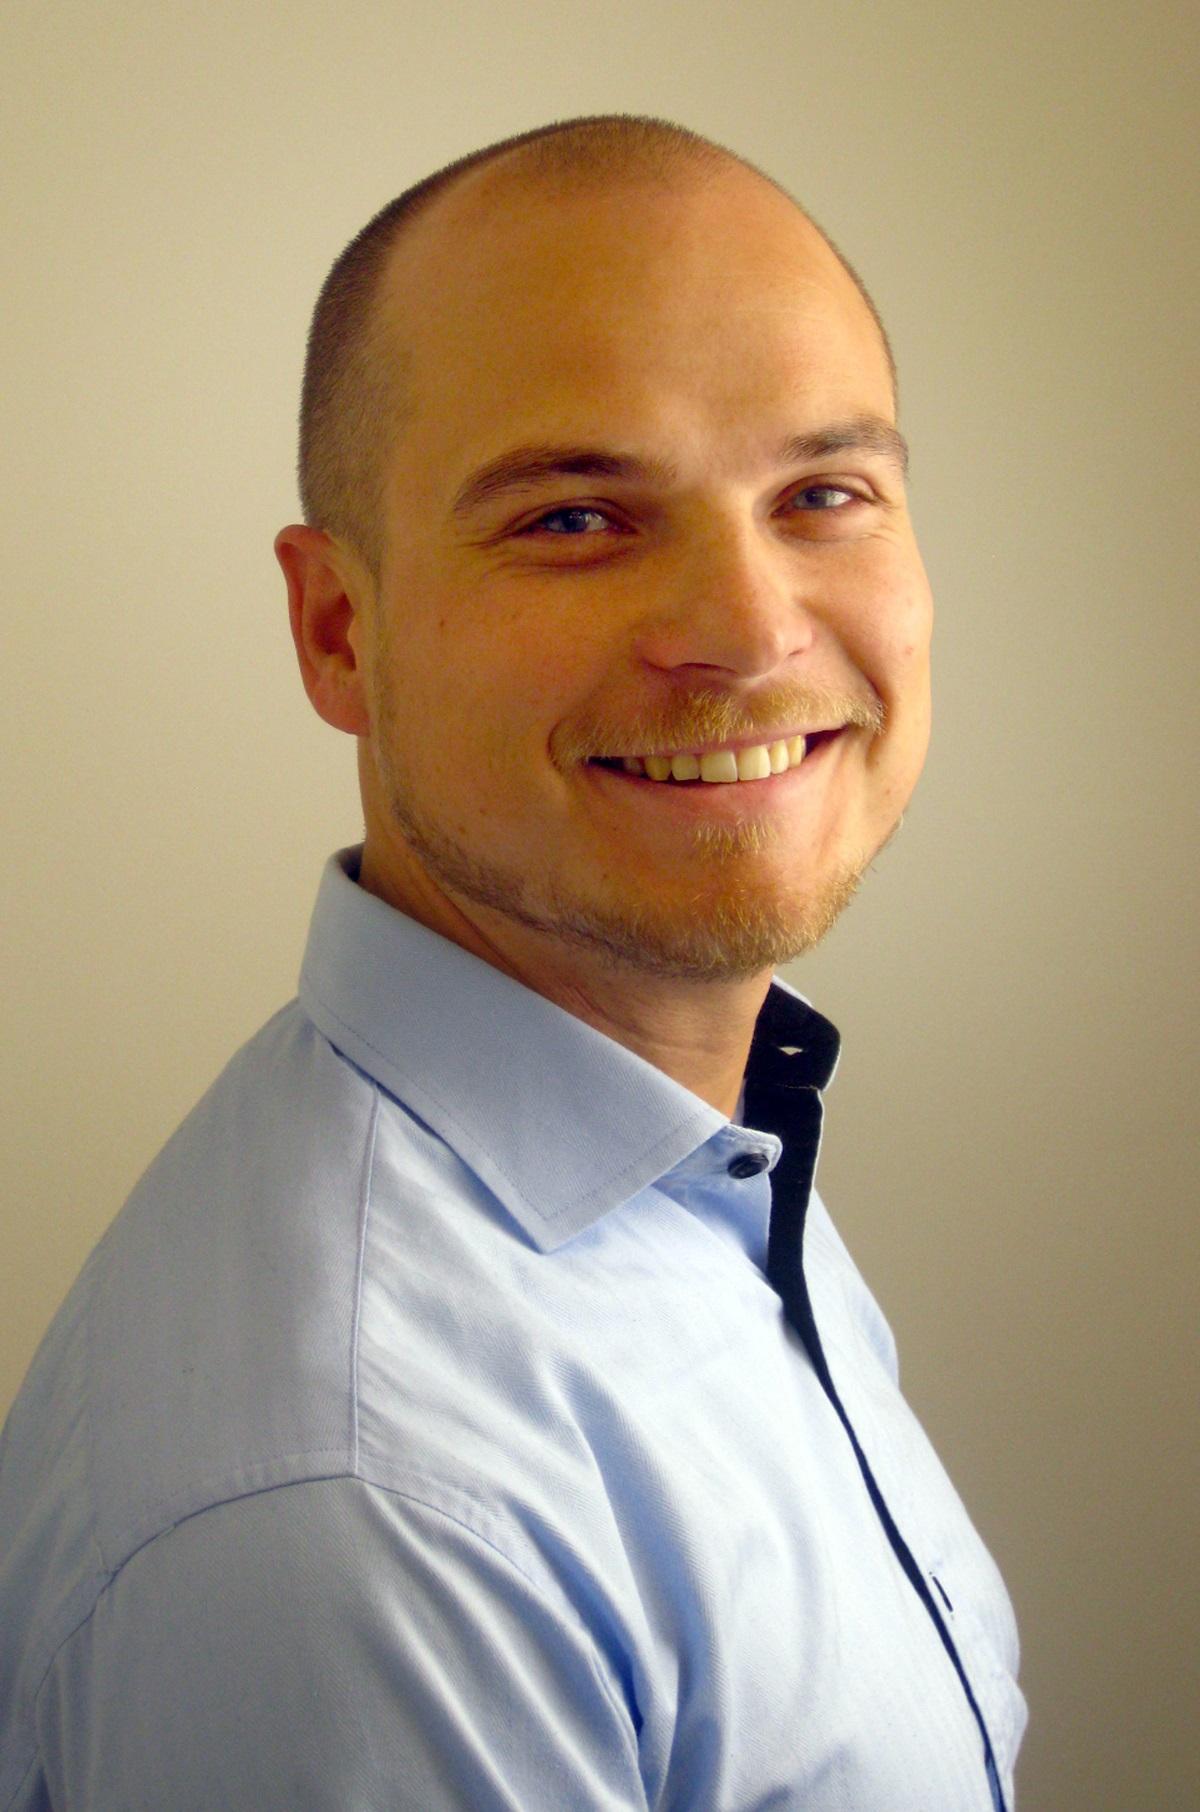 Erwin Biebrich